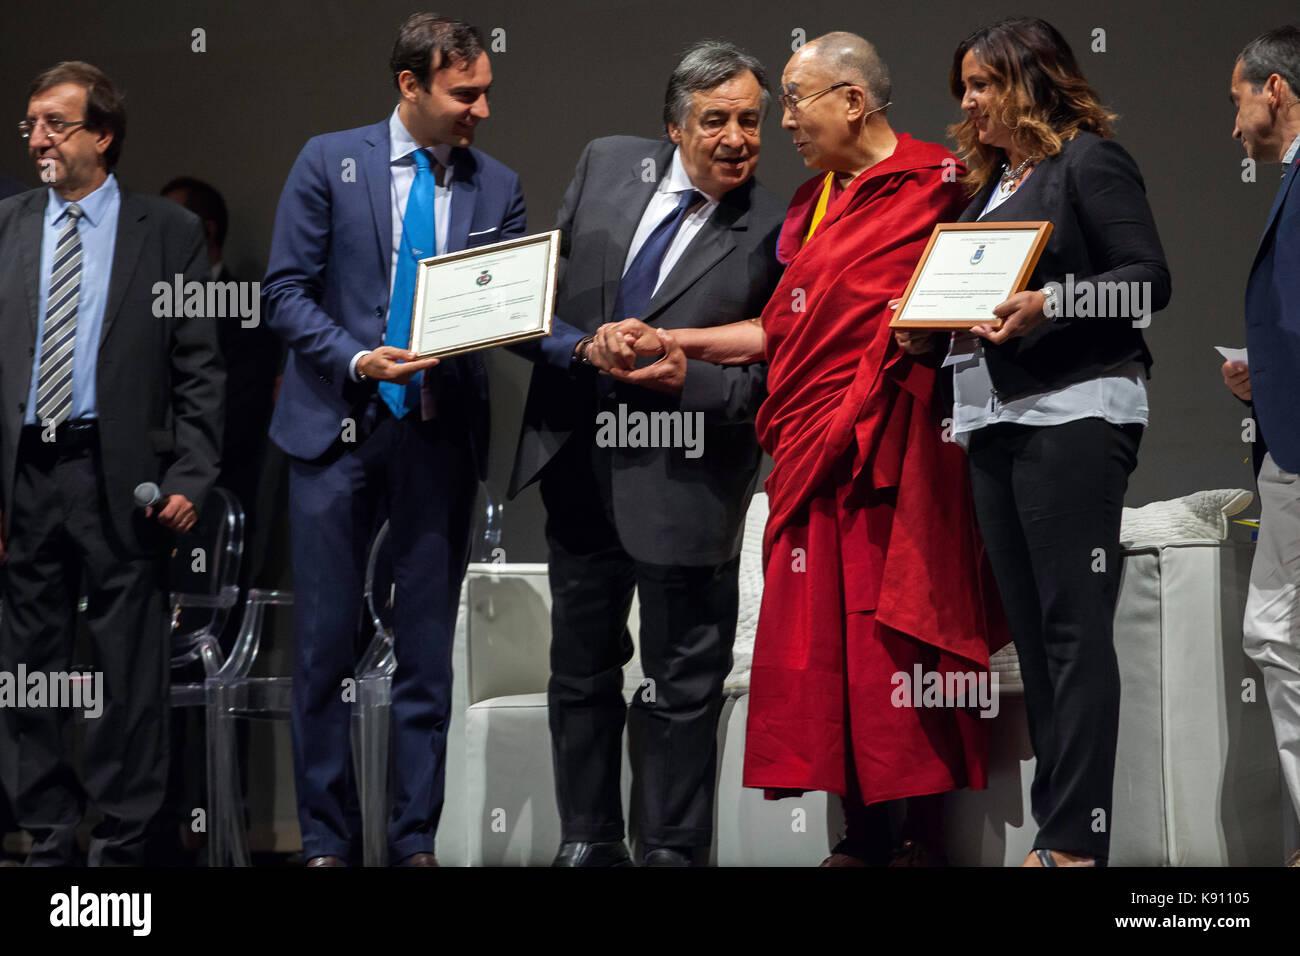 Il xiv dalai lama prende allo stadio per affrontare i fedeli a Palermo il 18 settembre 2017. Foto Stock